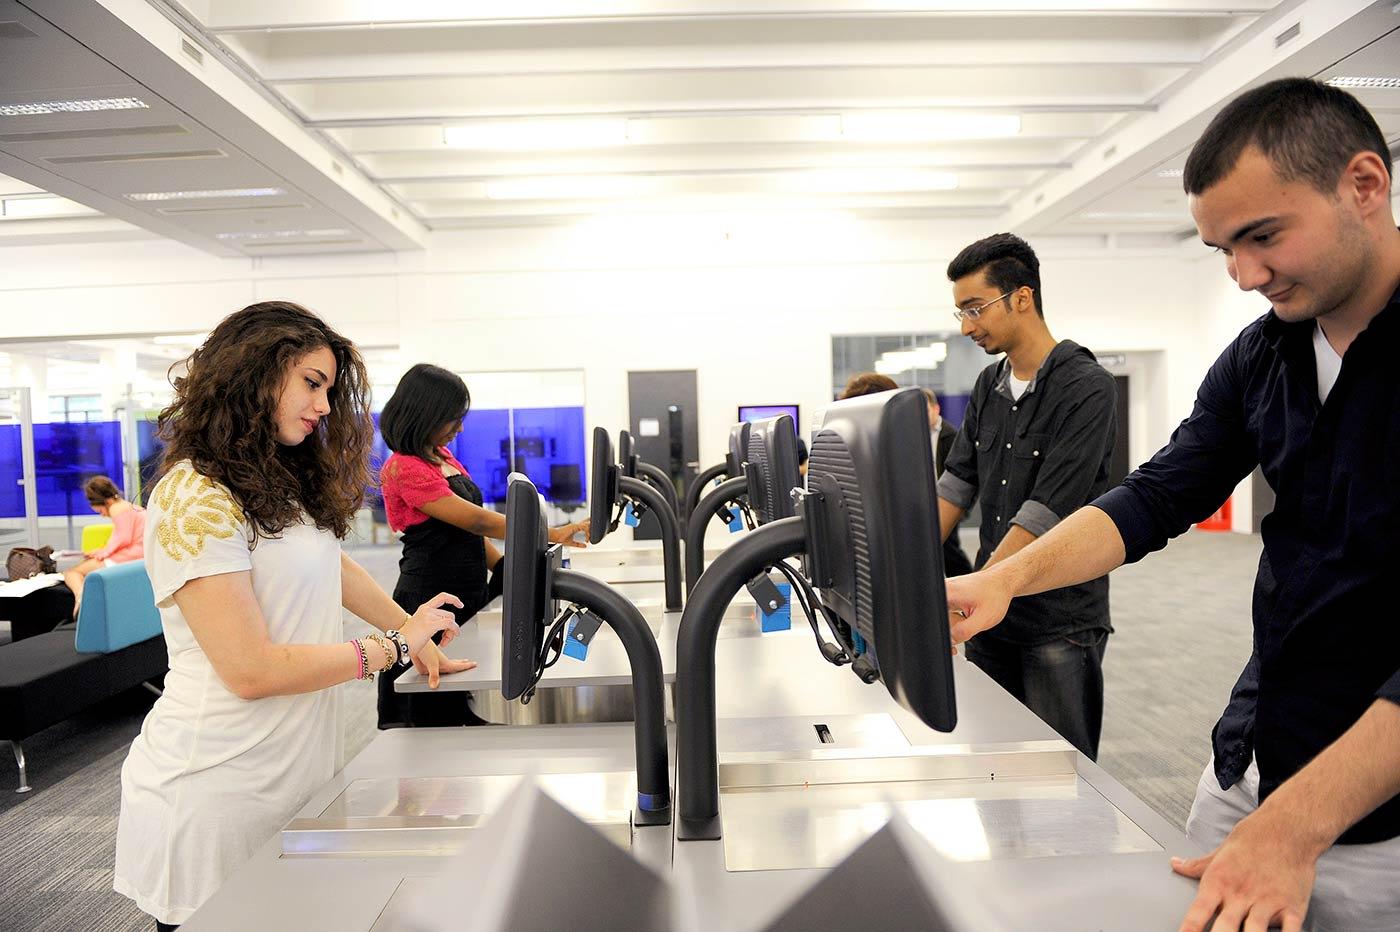 واحدة من أكبر المكتبات الأكاديمية في الدولة حيث يتوفر بها أكثر من 4 ملايين عنصر